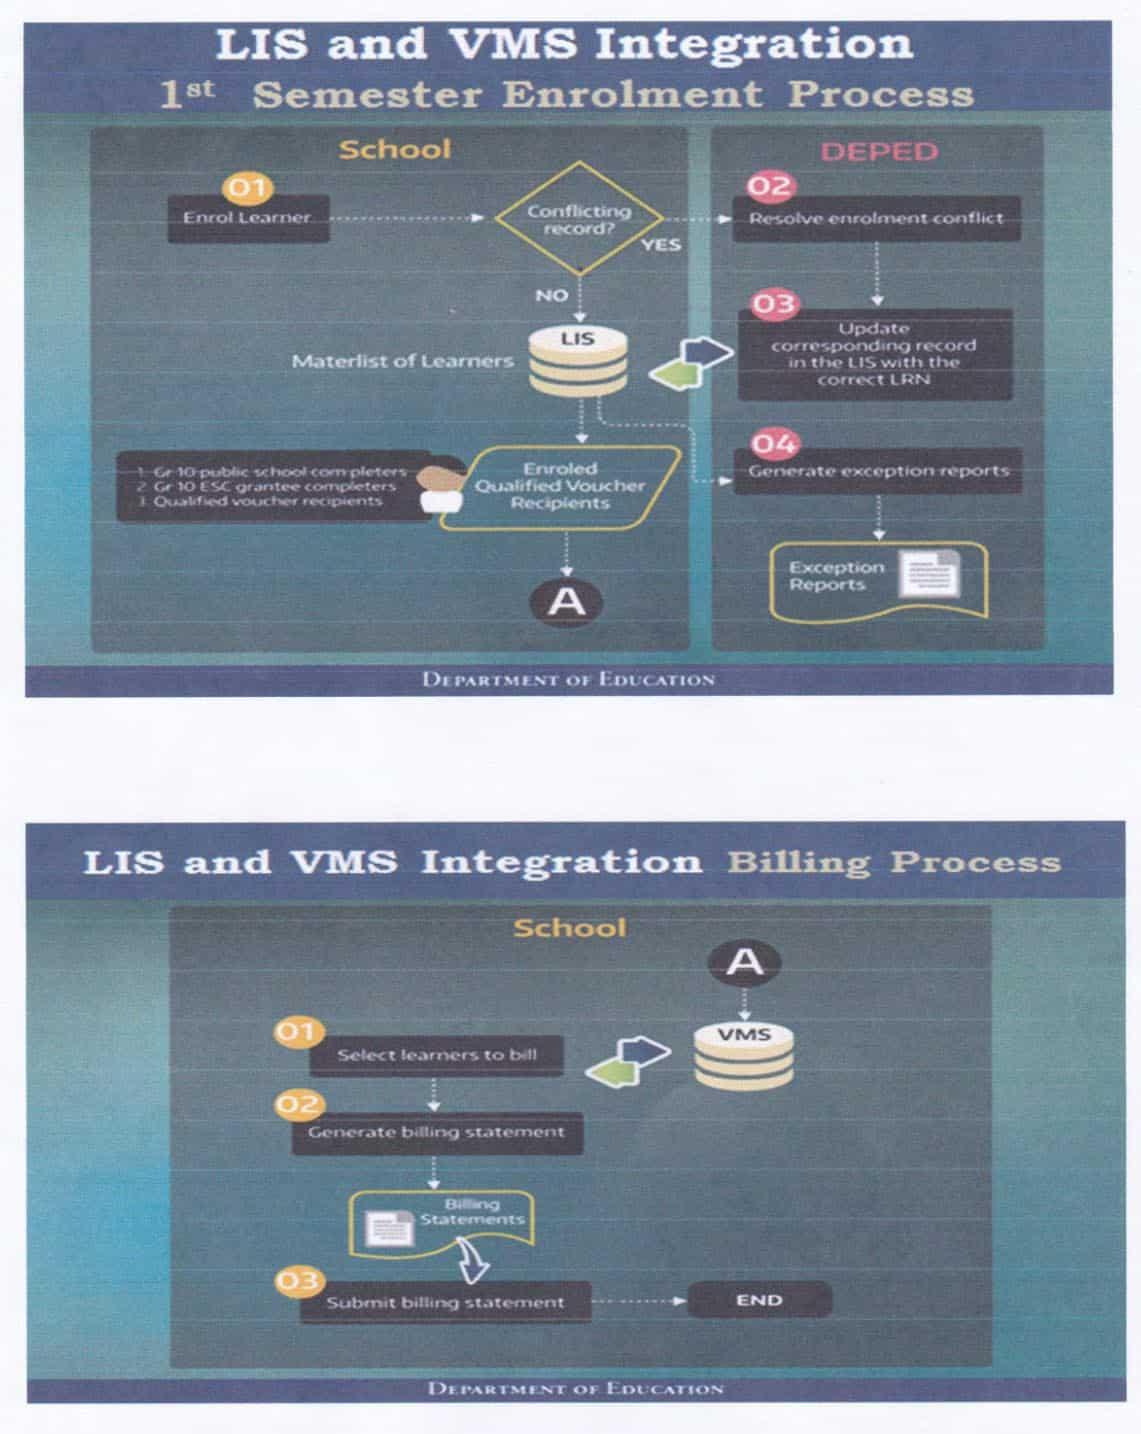 LIS and VMS Integration